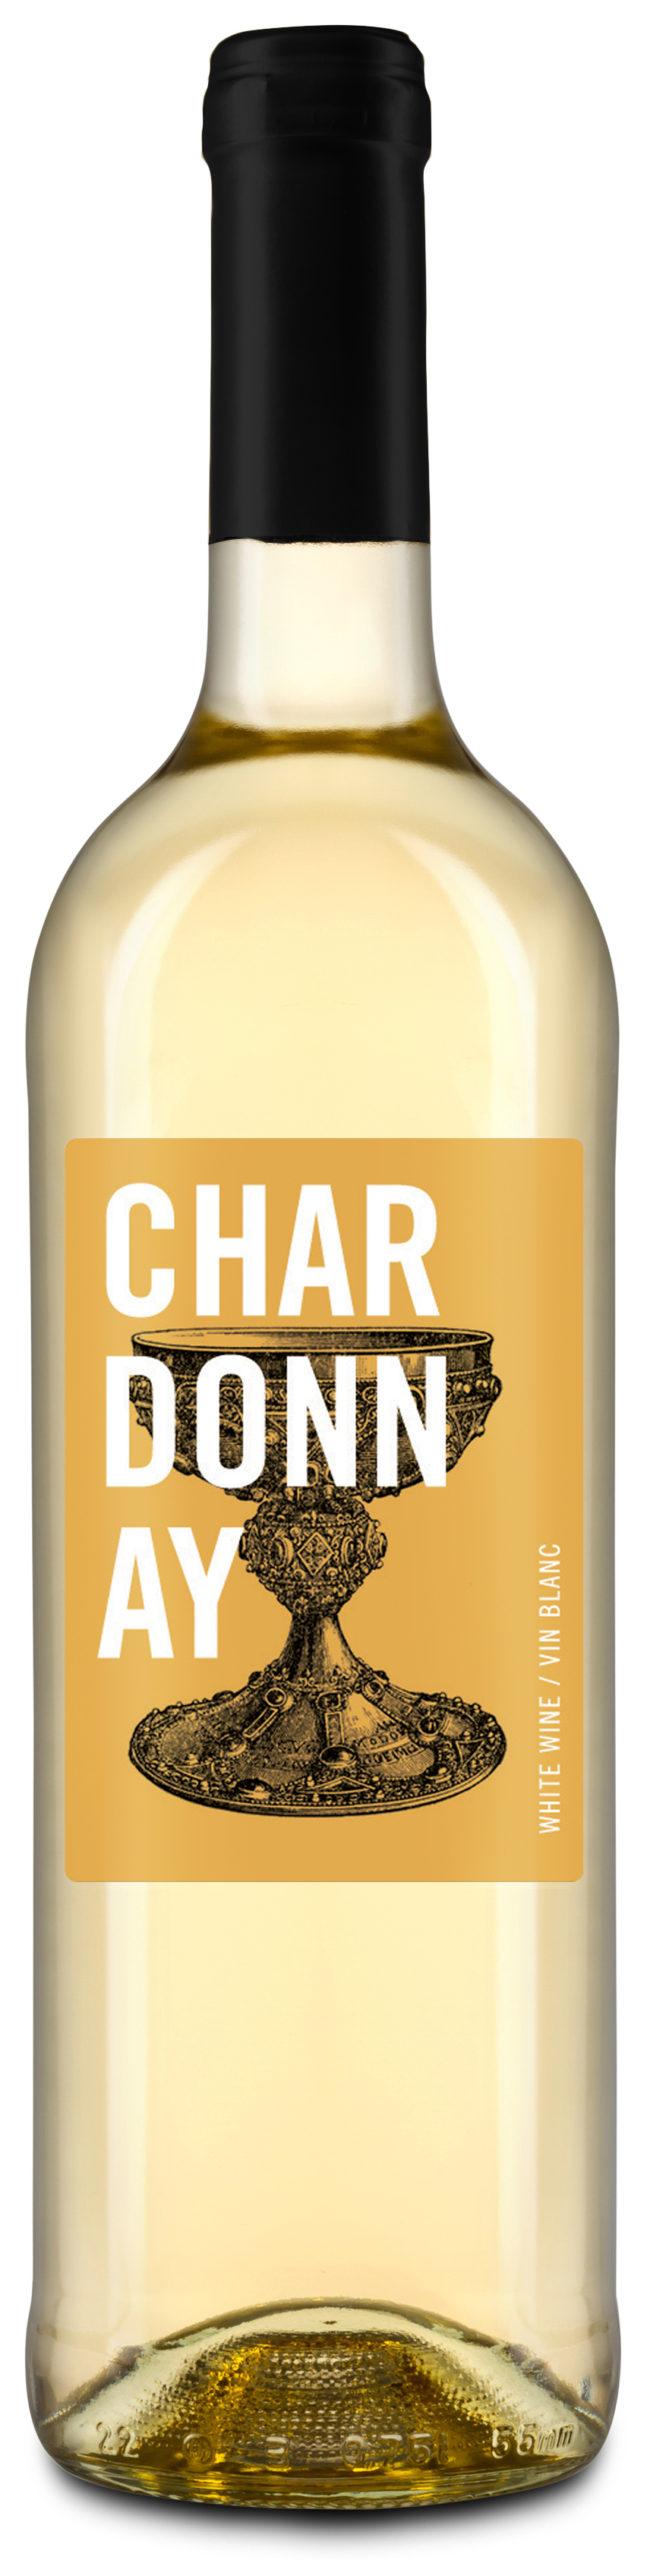 OTH Chardonnay